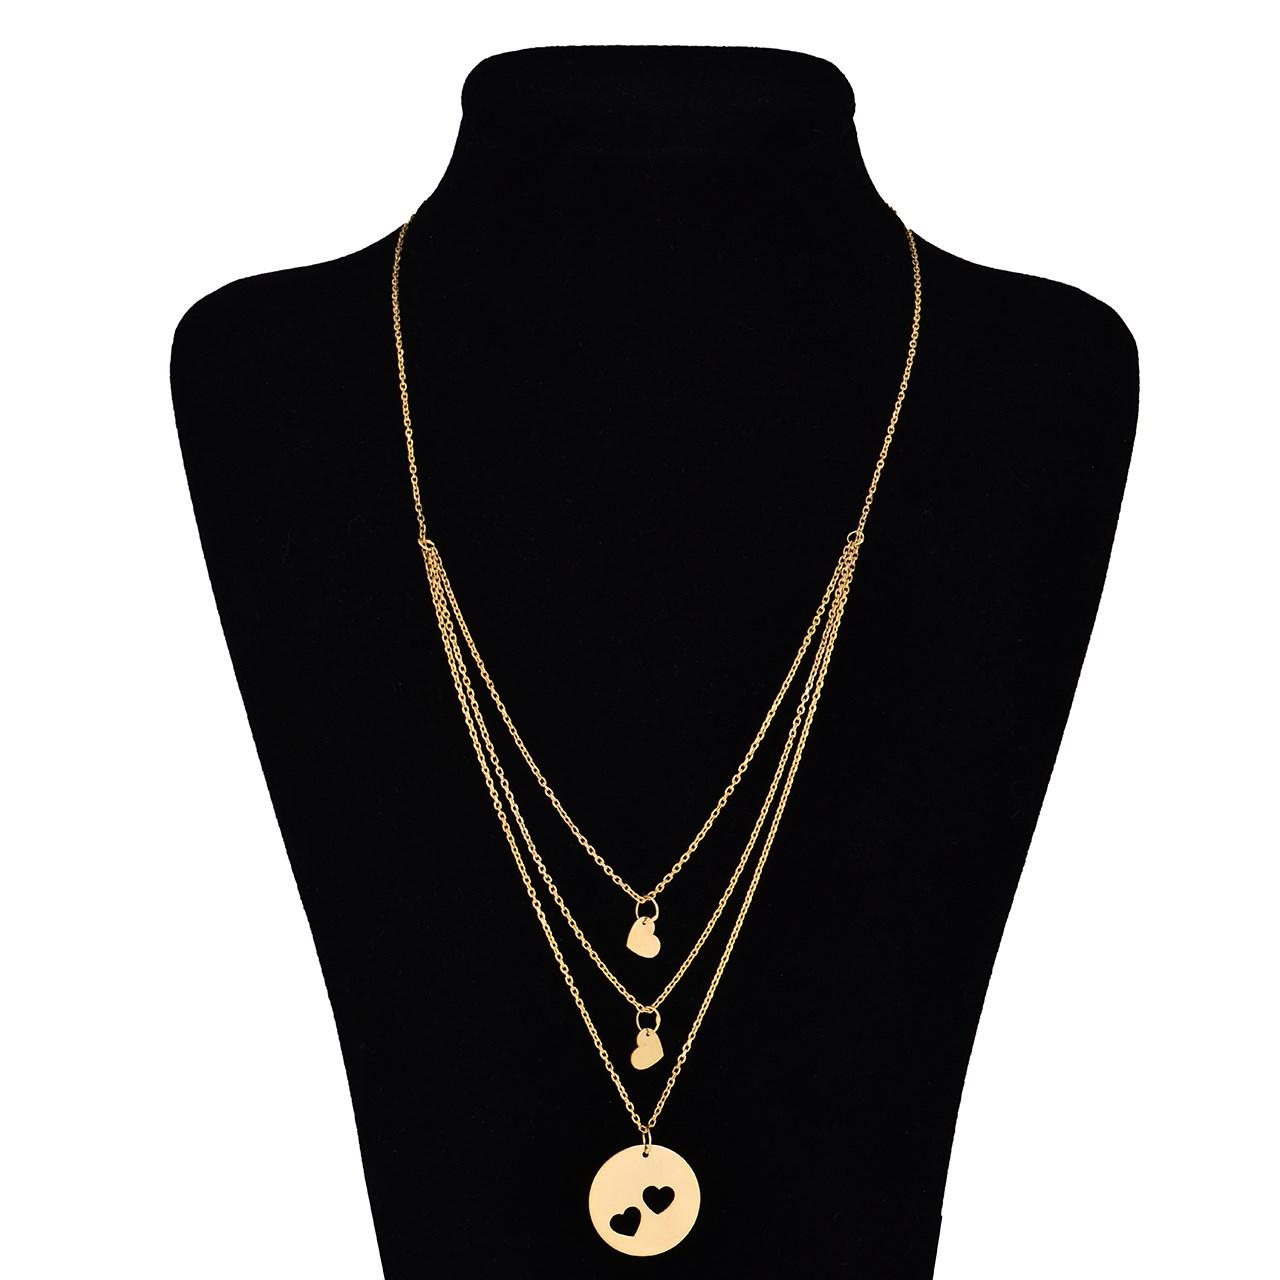 قیمت گردنبند طلا 18 عیار ماهک مدل MM0362